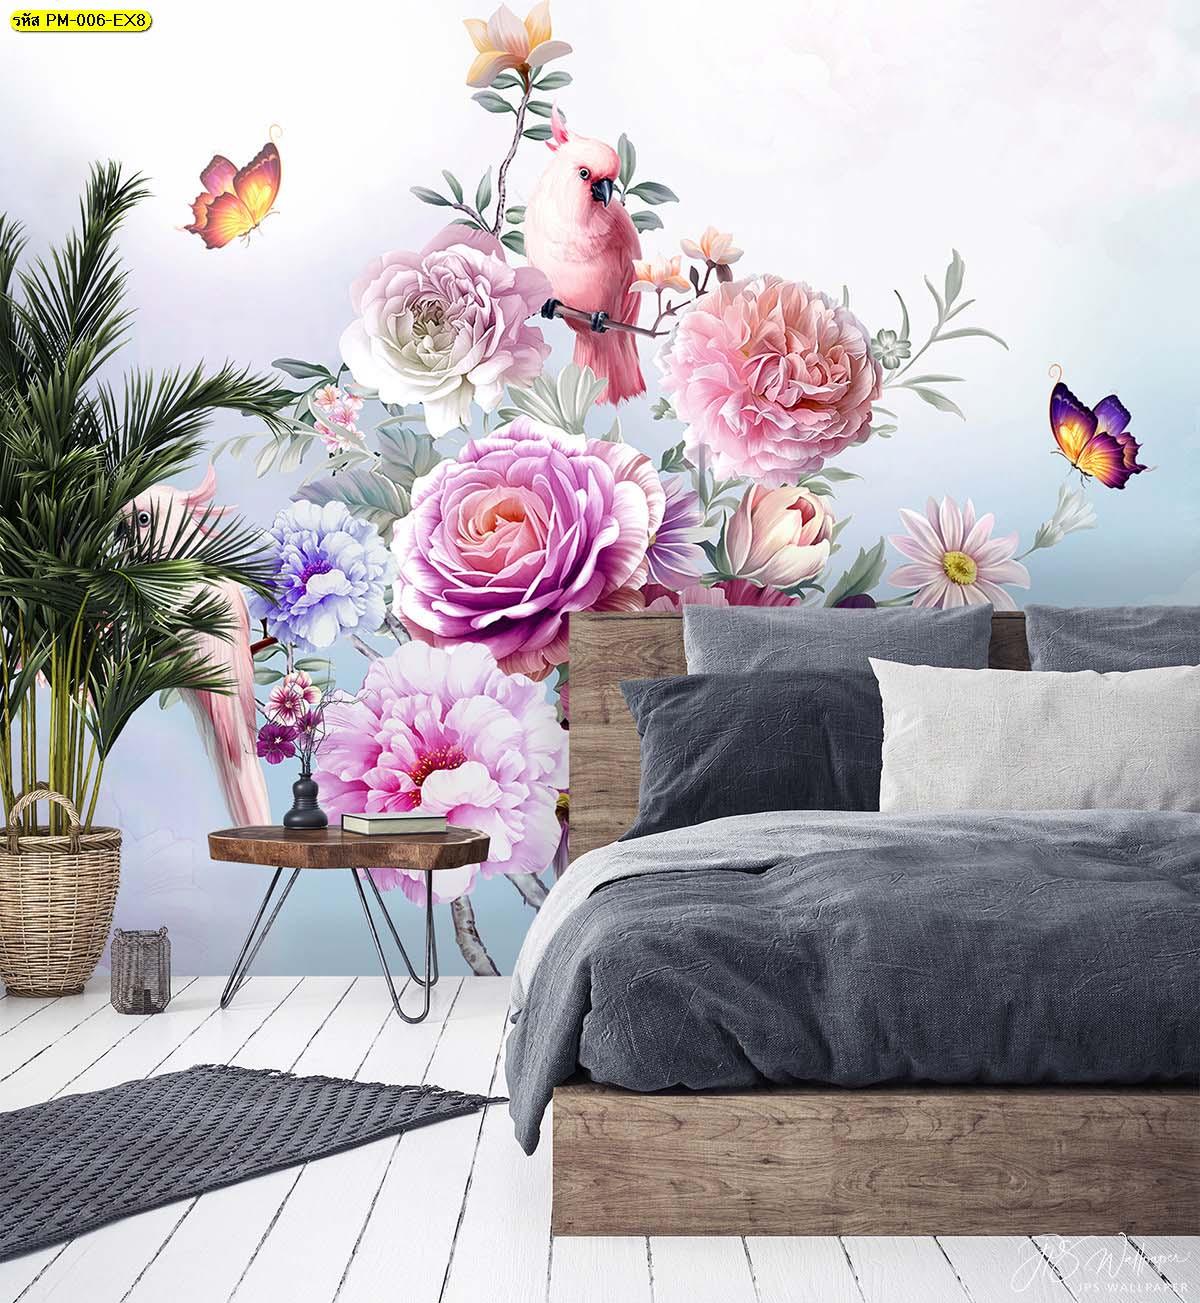 ห้องนอนสวยๆ ตกแต่งผนังลายสวนดอกไม้สไตล์อังกฤษ